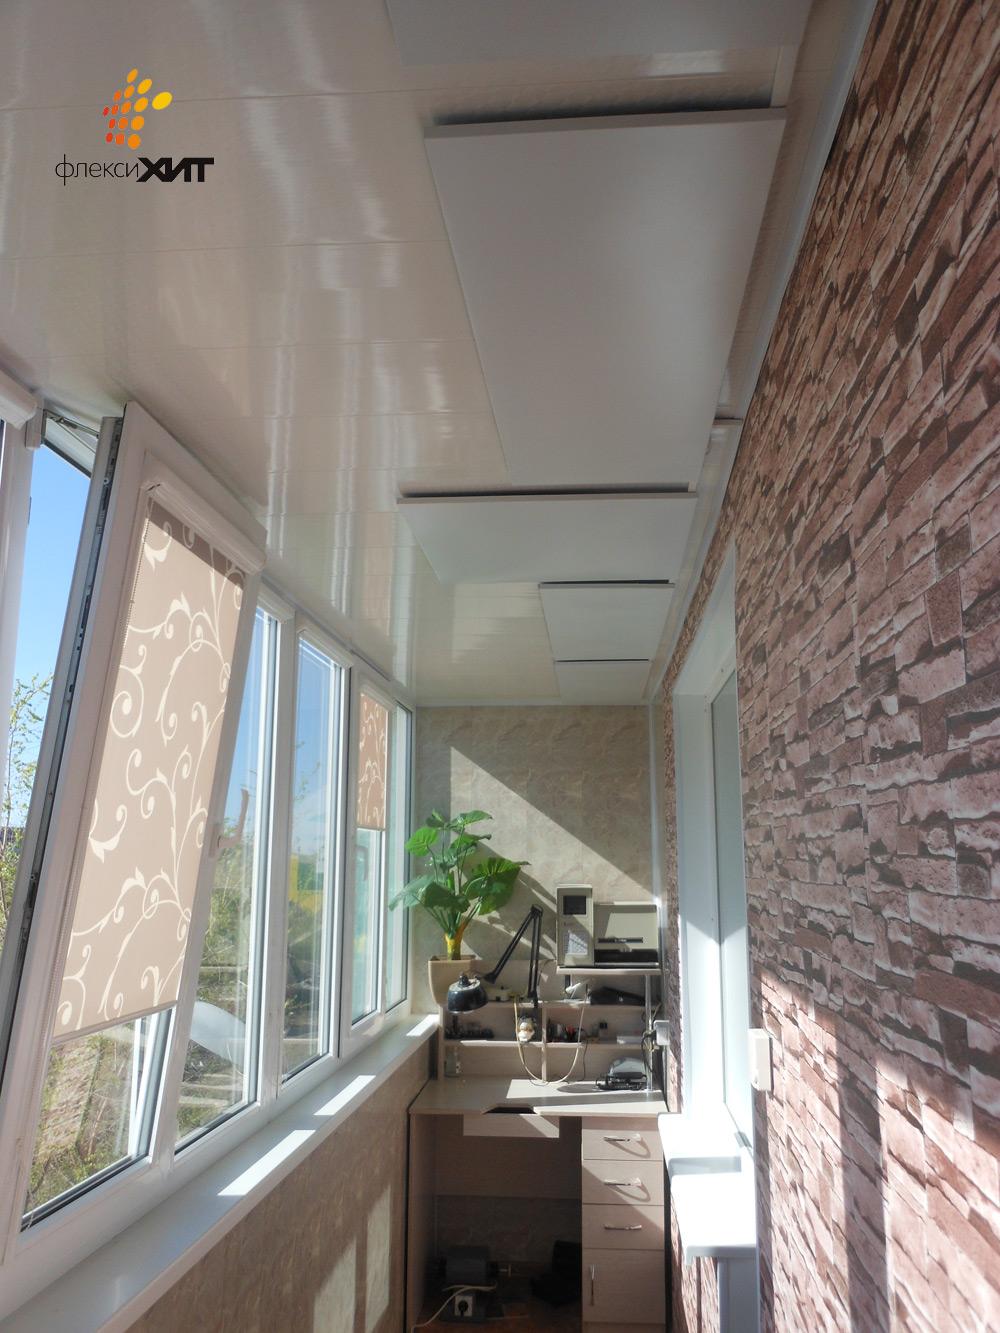 Пленочные инфракрасные потолочные нагреватели, инфракрасные .